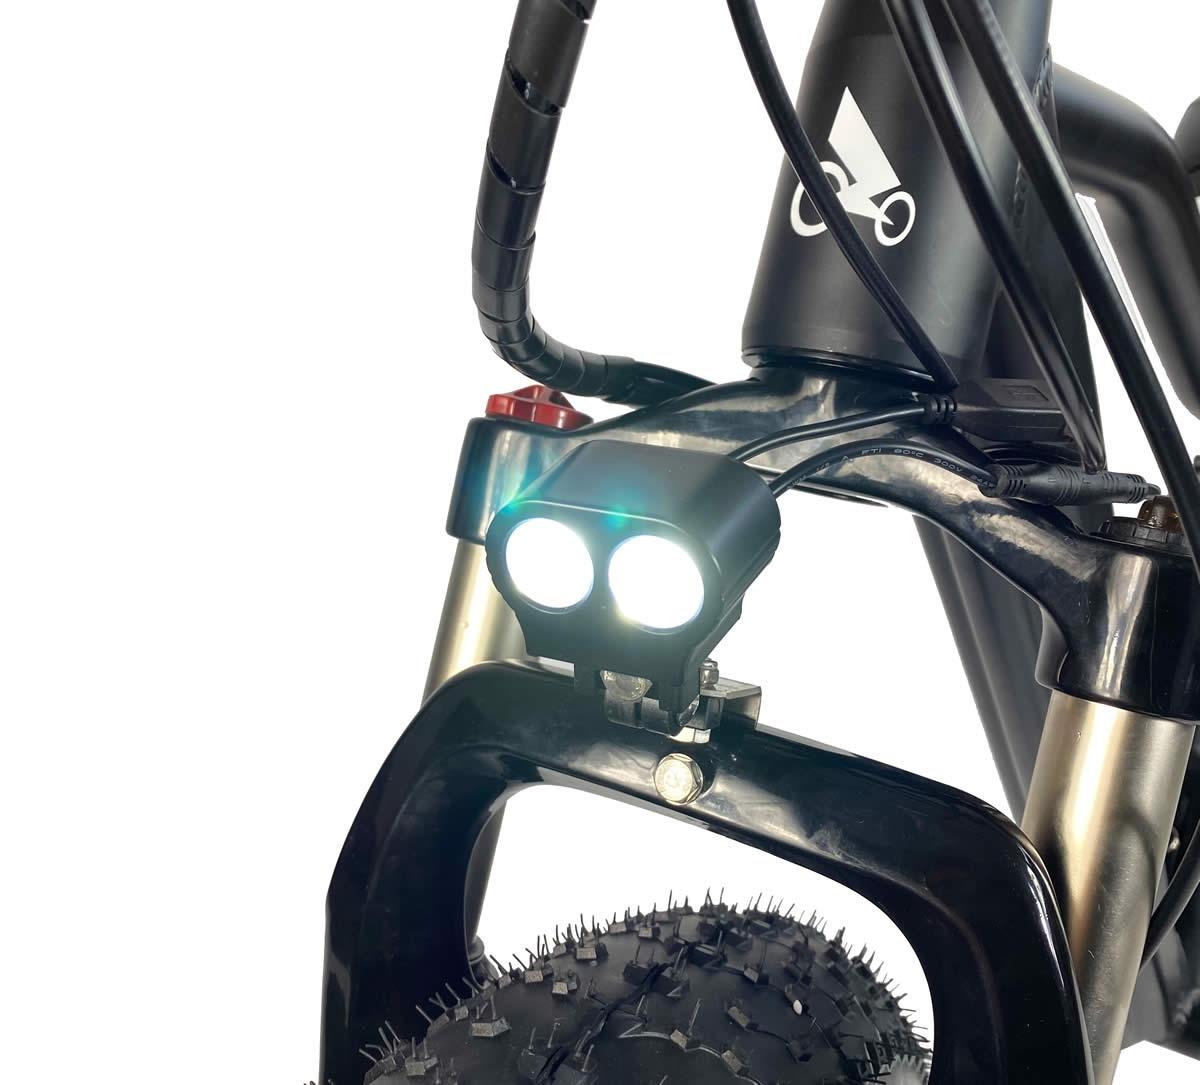 LED-lys, vandtæt ledningsføring og lockout-ophæng